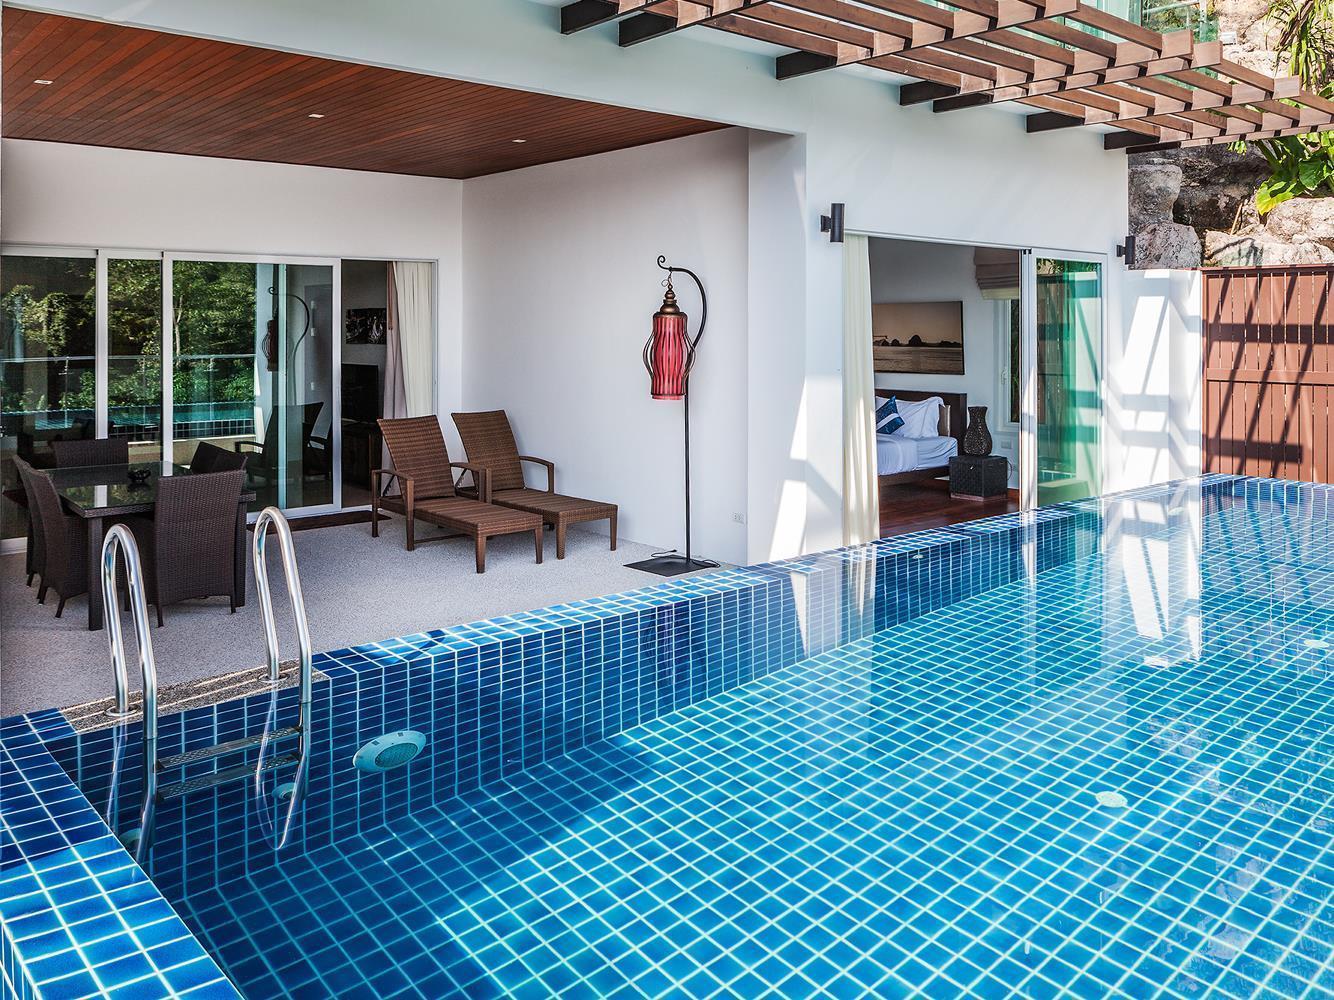 Wabi-Sabi Kamala Falls Boutique Residences Phuket วาบิ - ซาบิ กมลา ฟอลล์ บูทิก เรสซิเดนซ์ ภูเก็ต